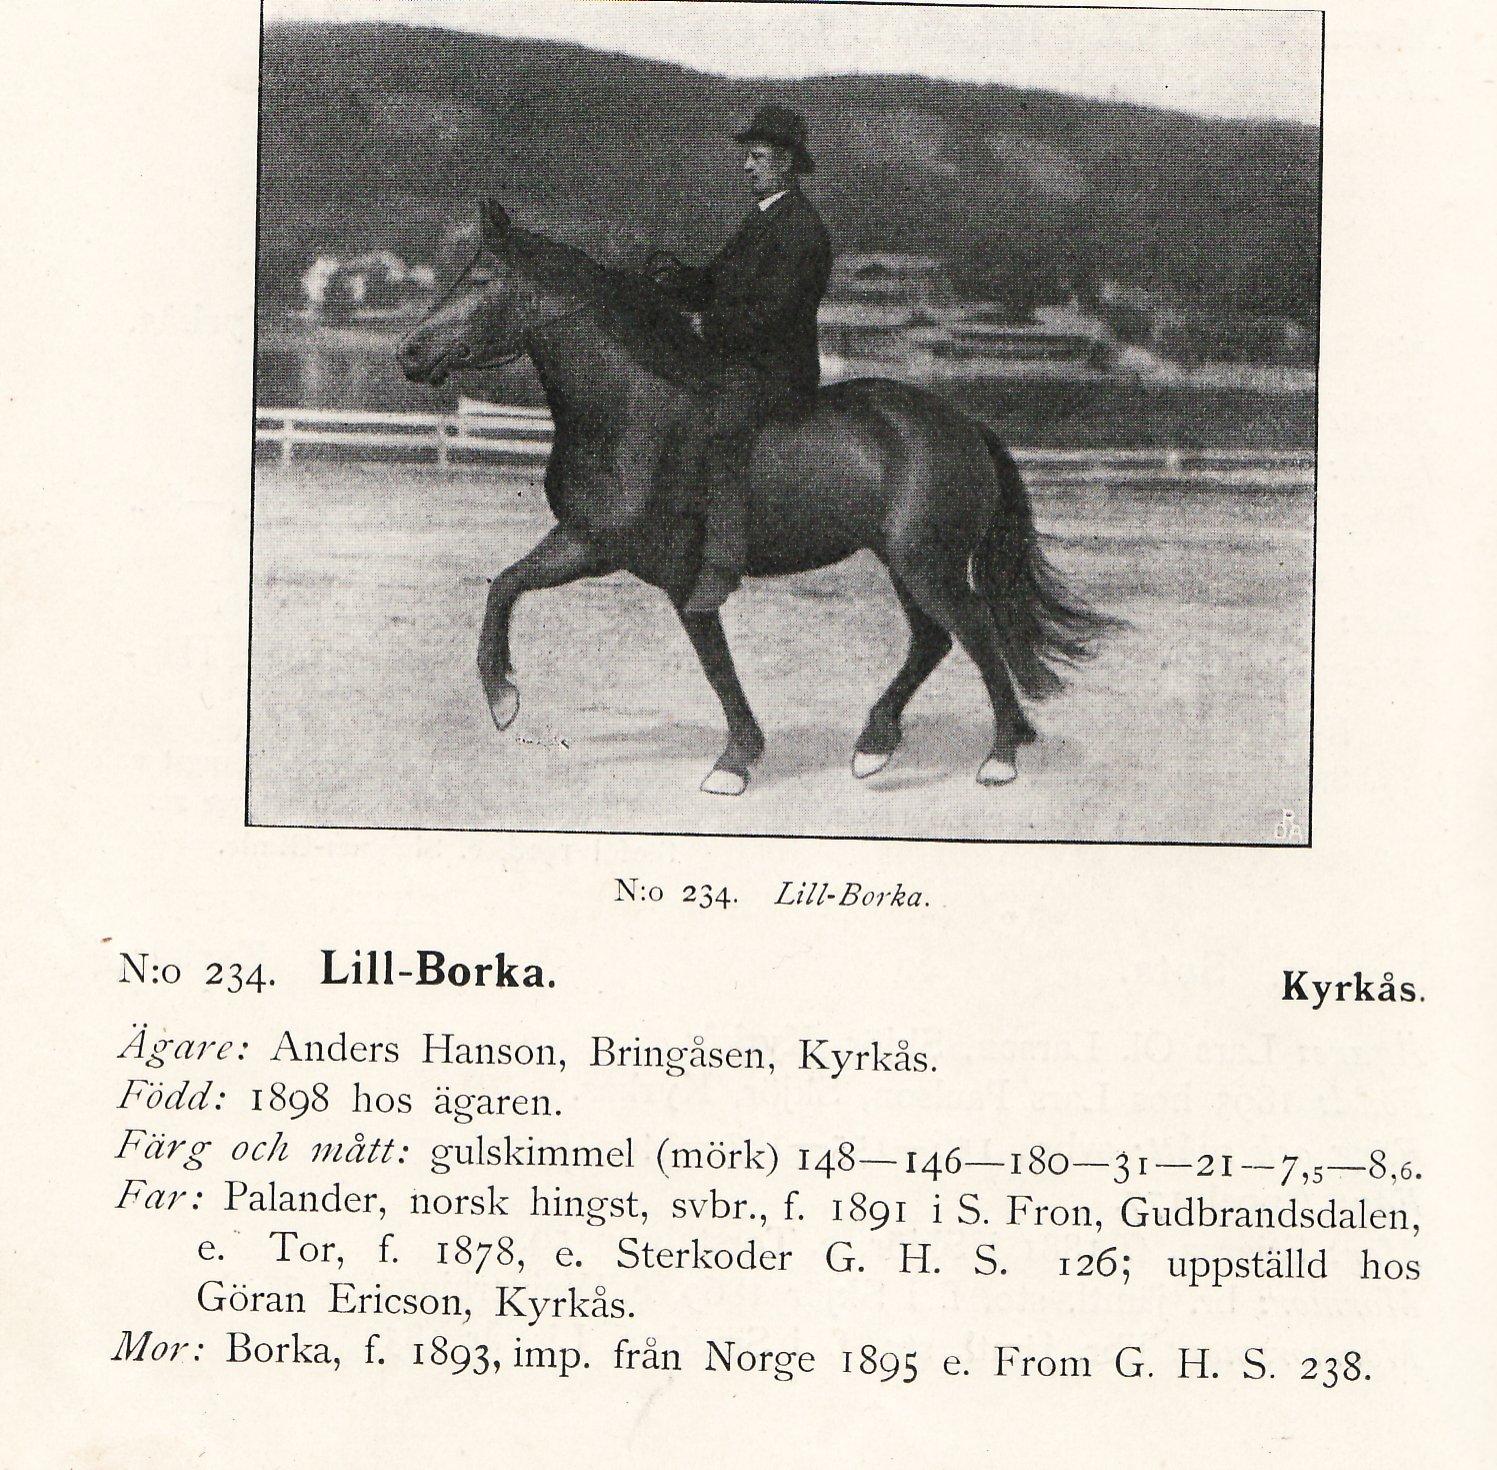 AJH på Lill-Borka